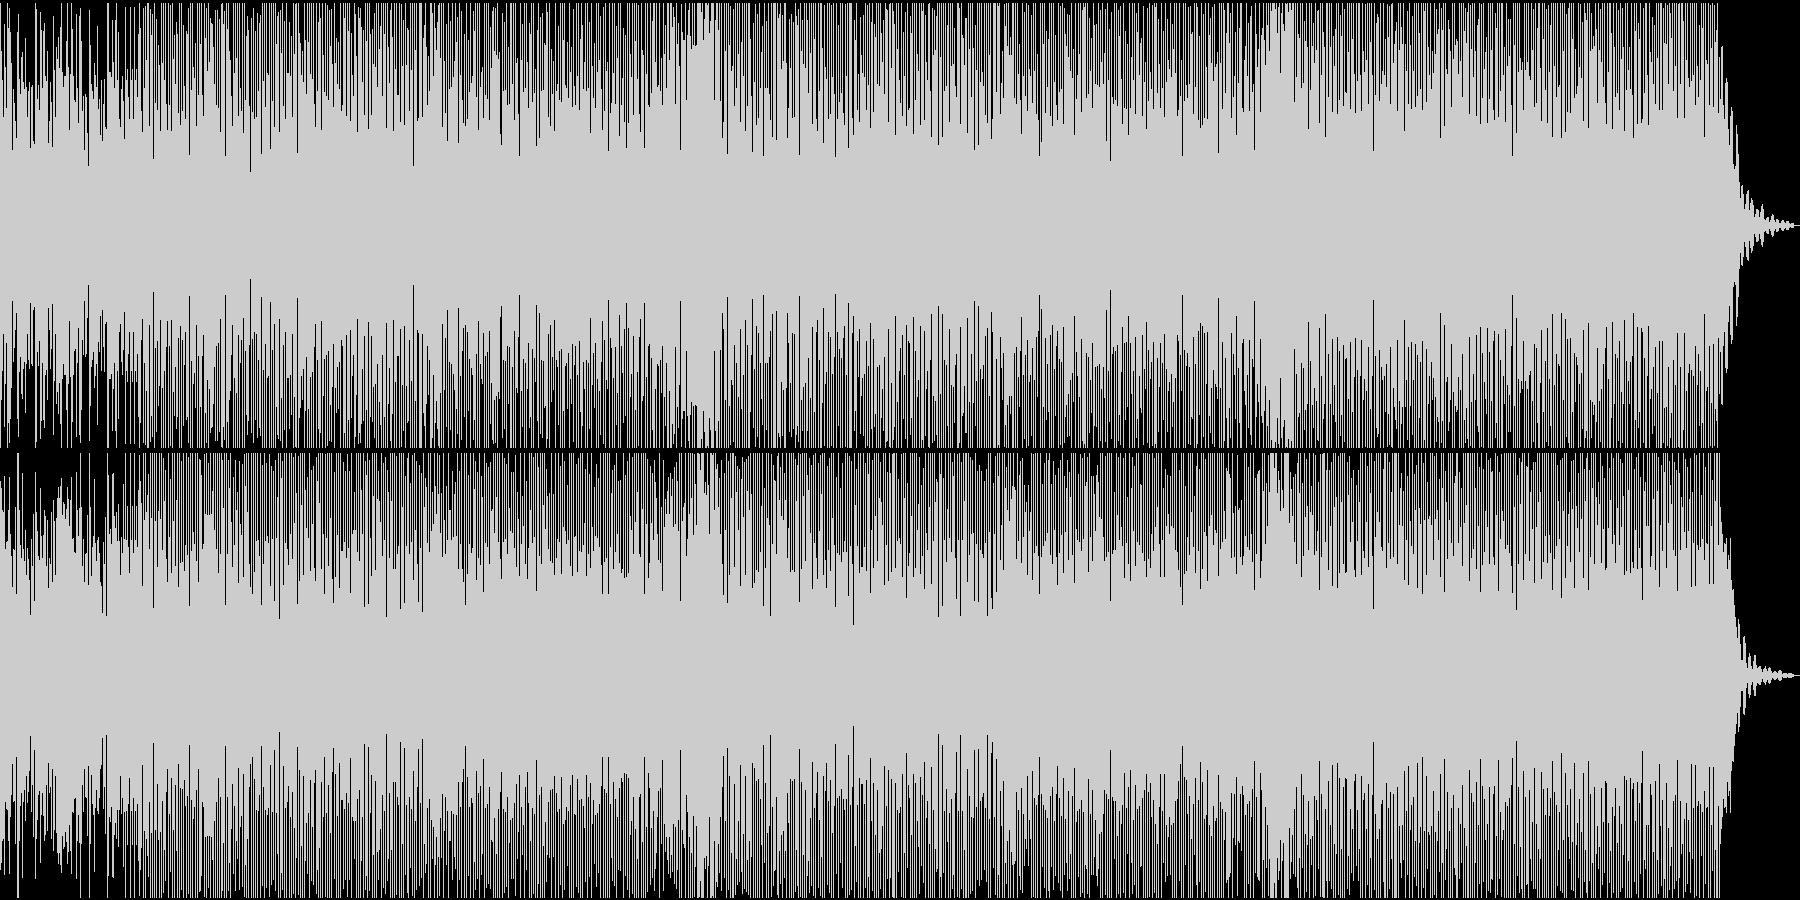 ディスコに憧れて作った曲の未再生の波形